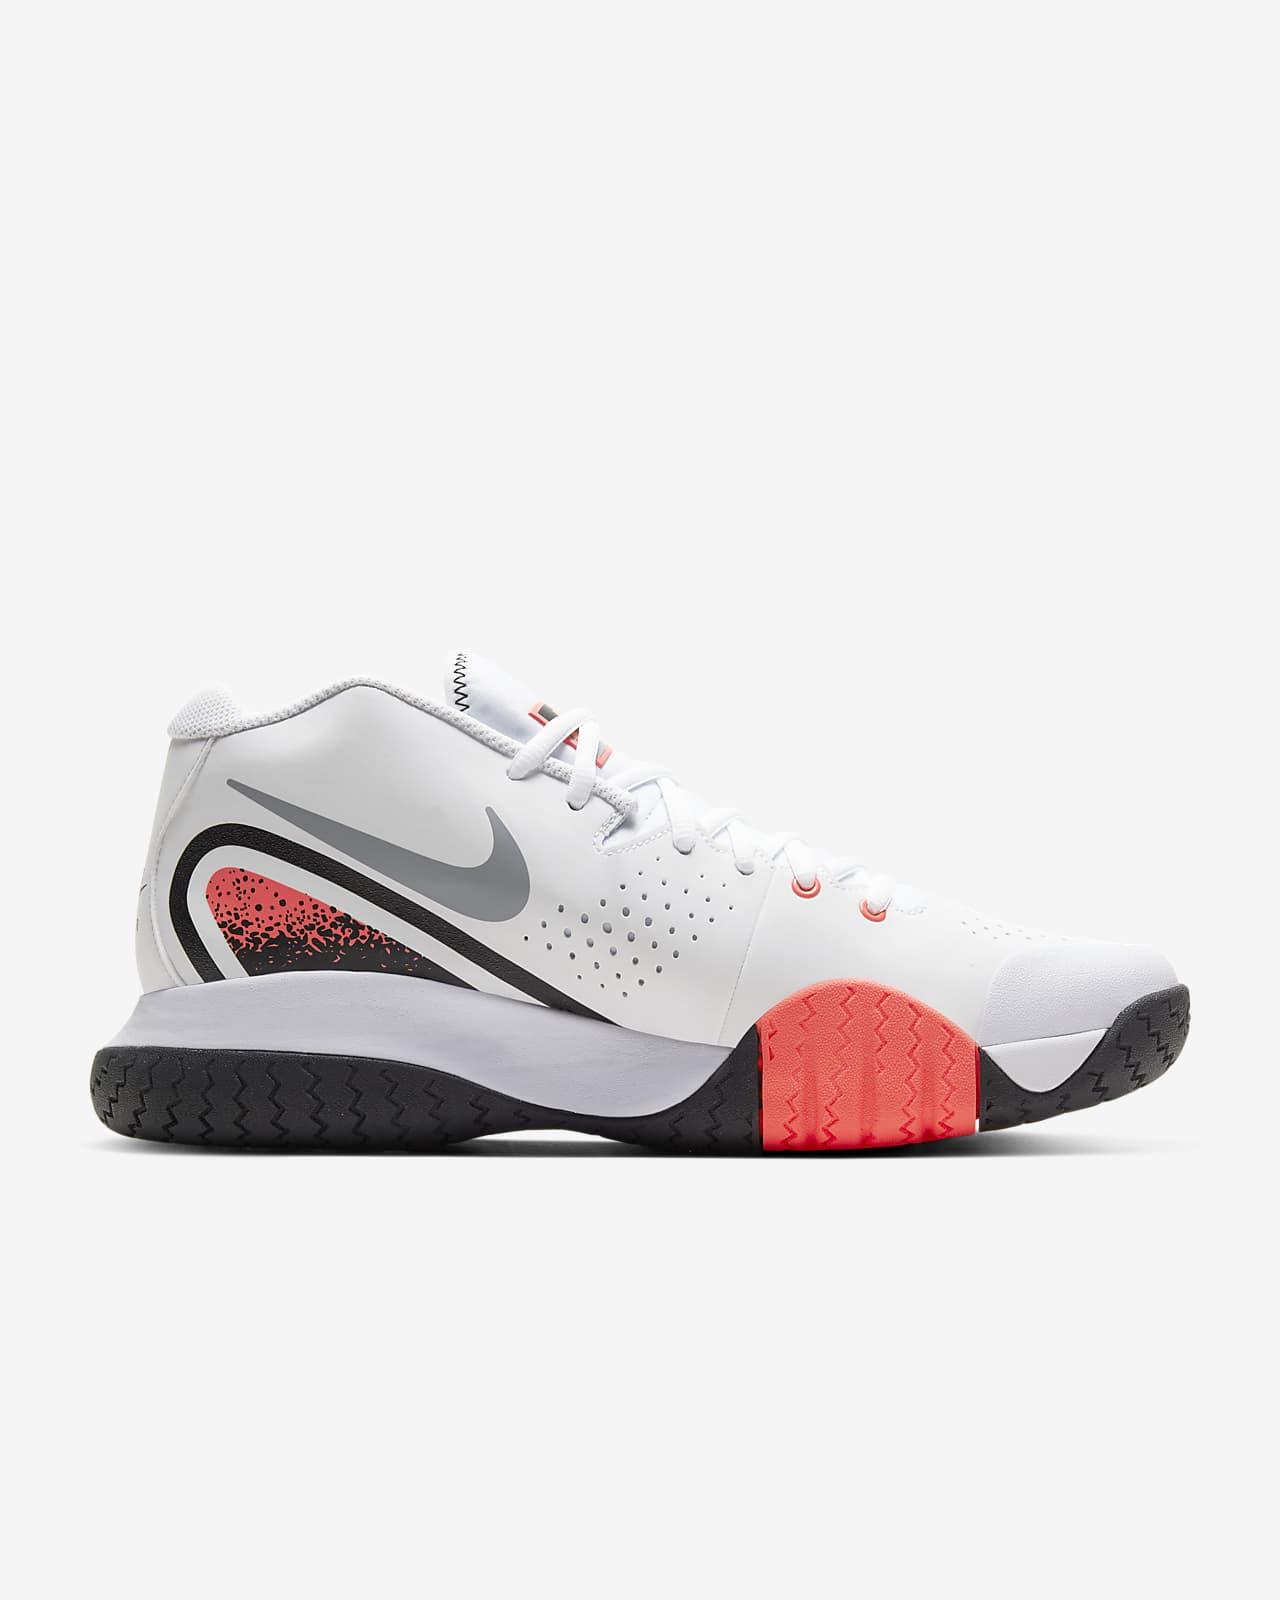 Chaussure de tennis NikeCourt Tech Challenge 20 pour Homme